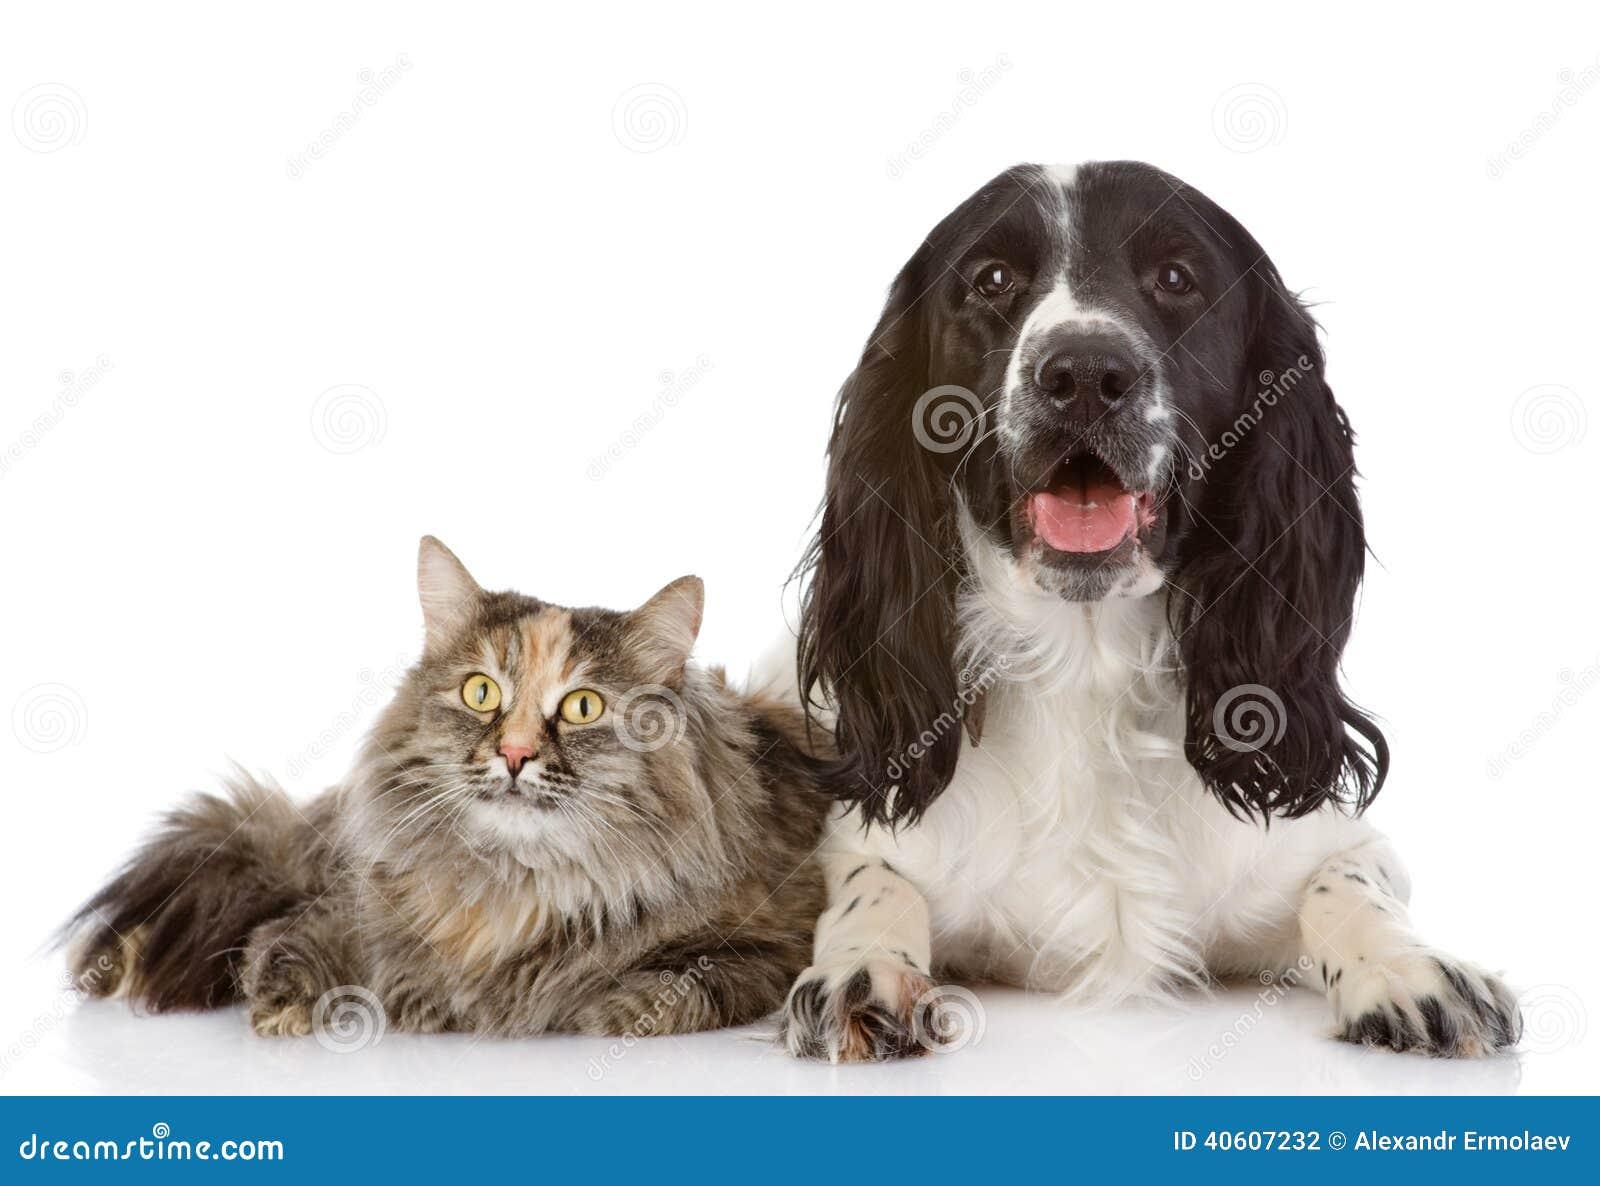 Il cane ed il gatto di cocker spaniel di inglese si trovano insieme